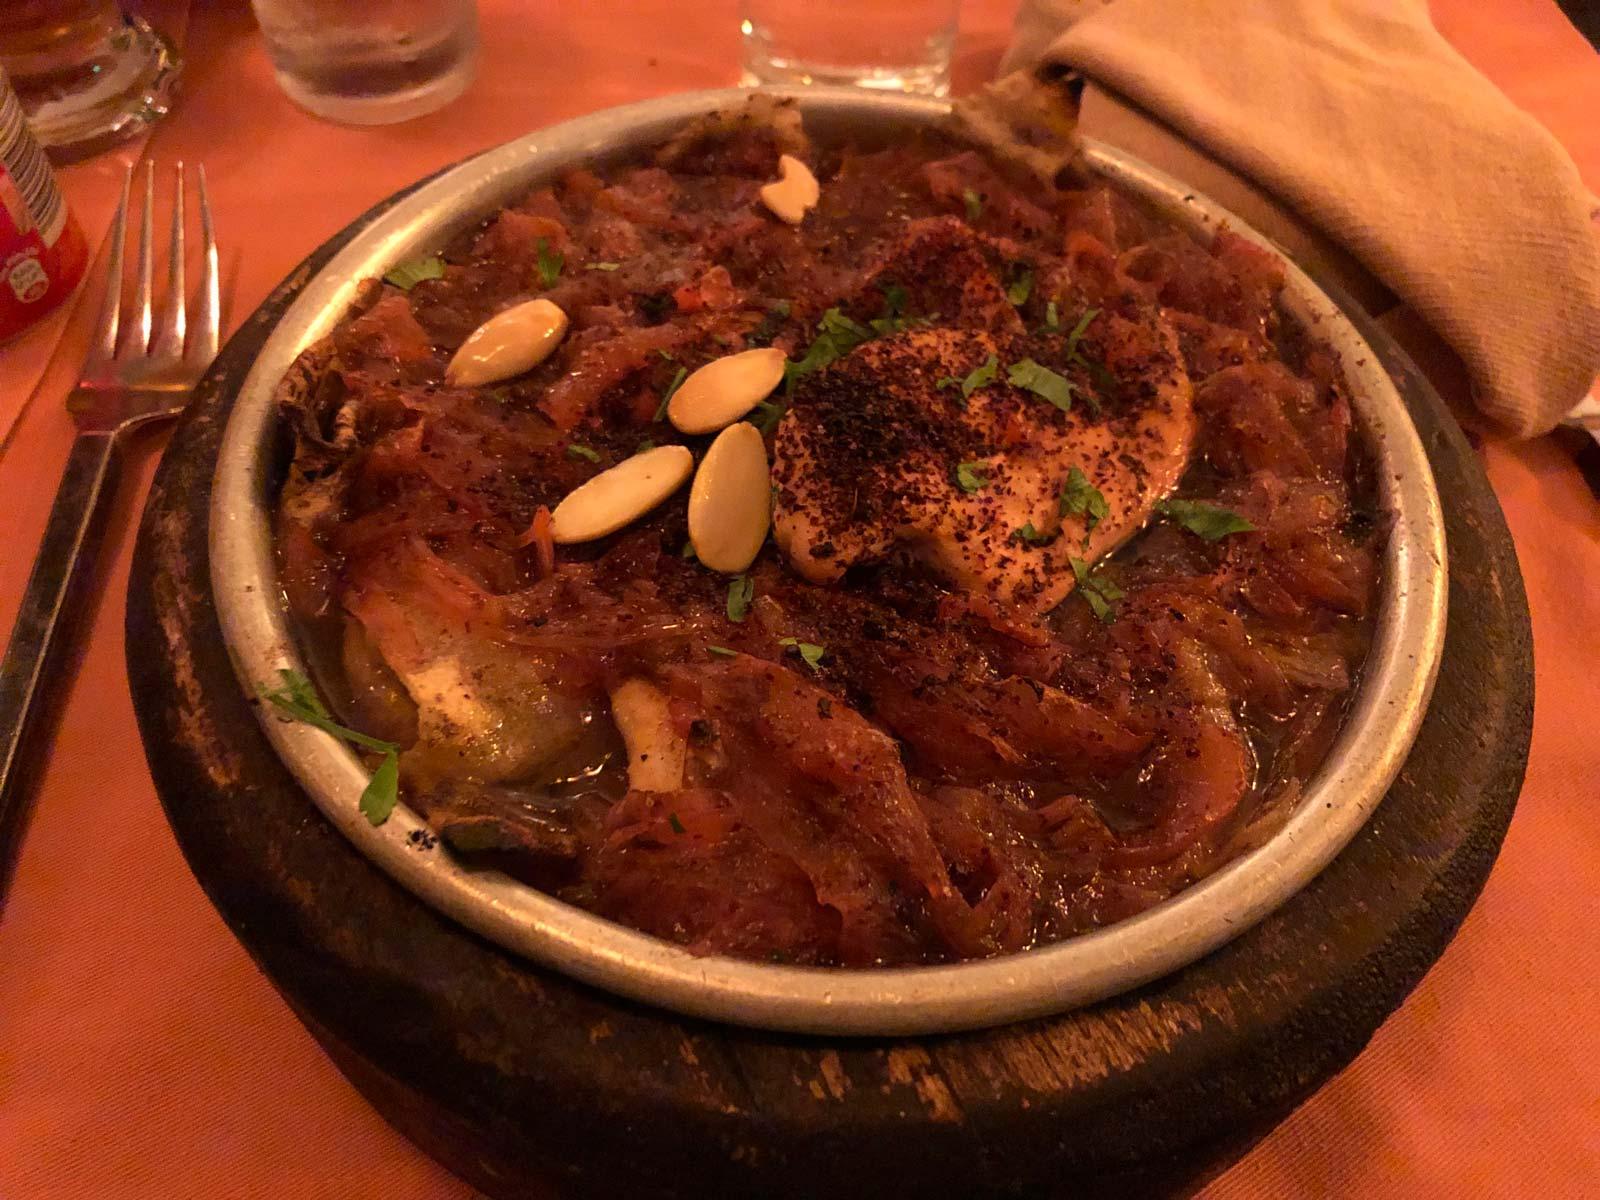 Mesa-Khan - Hähnchen in Zwiebelsauce mit Nudelteig